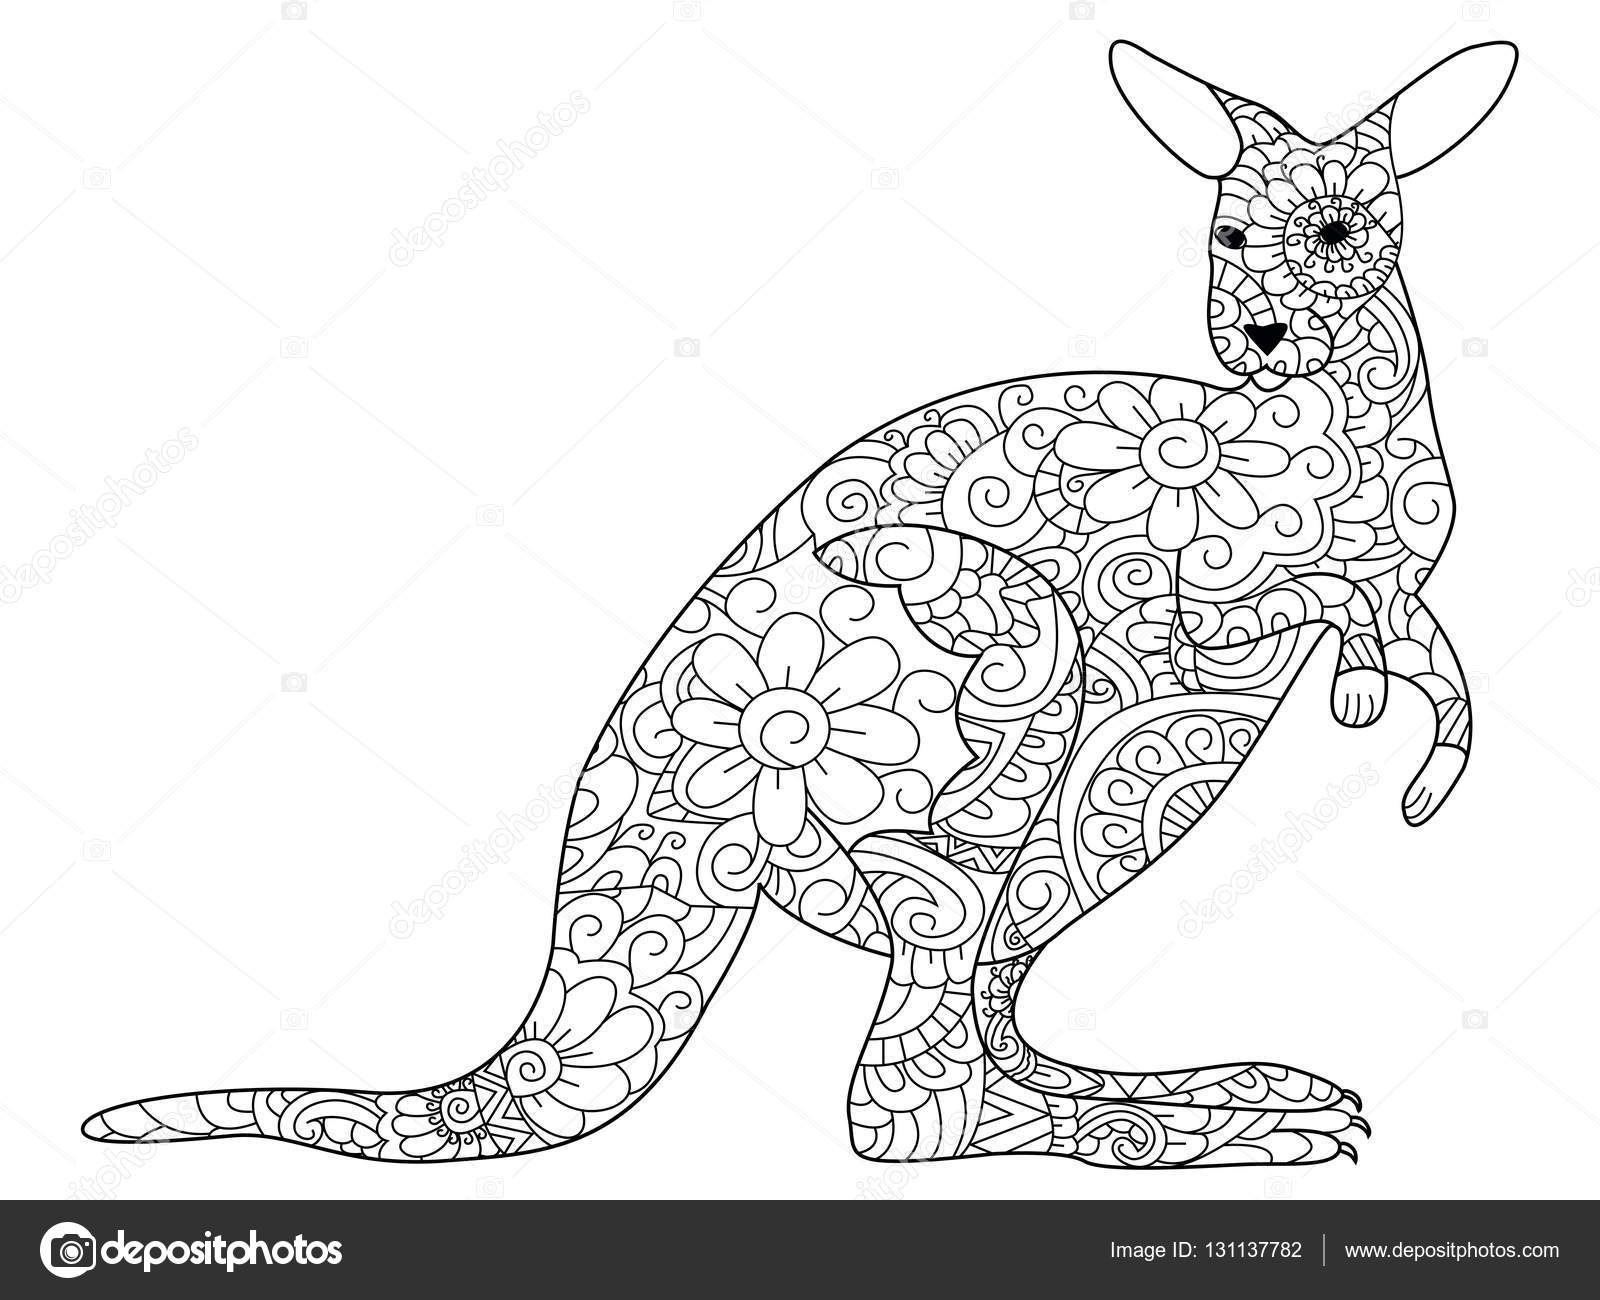 Coloriage Mandala Kangourou.Kangourou Coloriage Livre Vecteur Pour Les Adultes Image